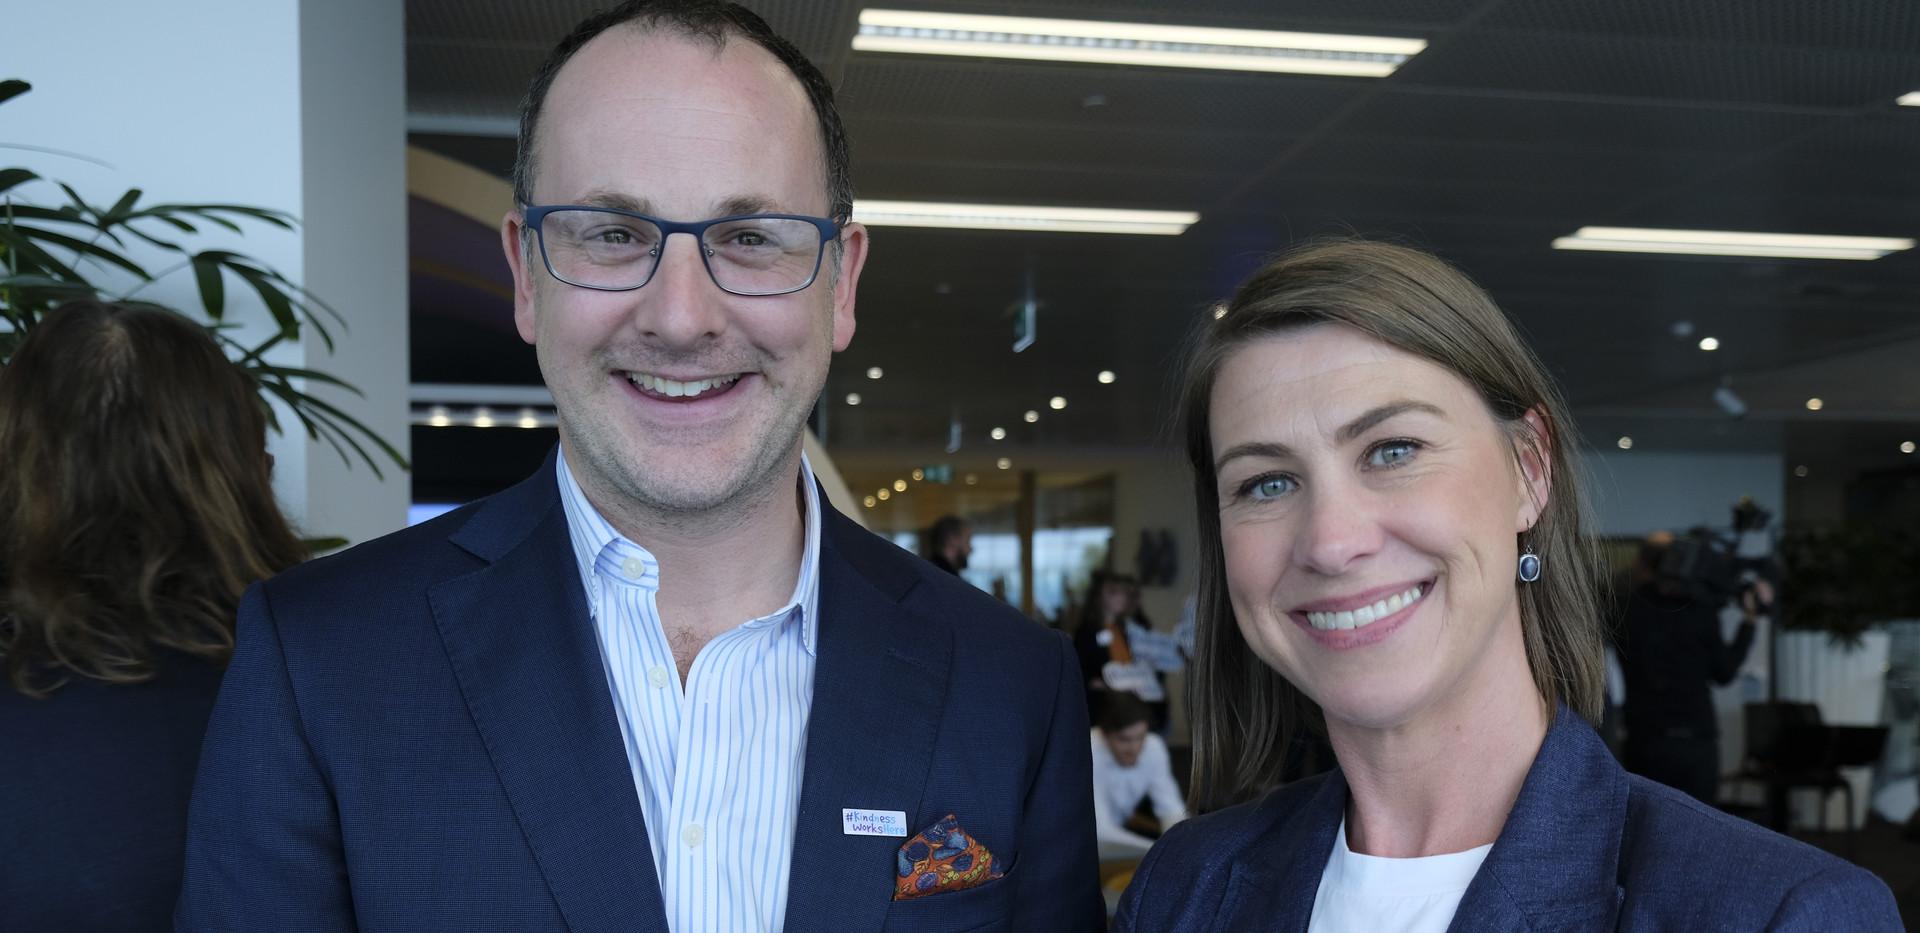 David and Belinda.jpg